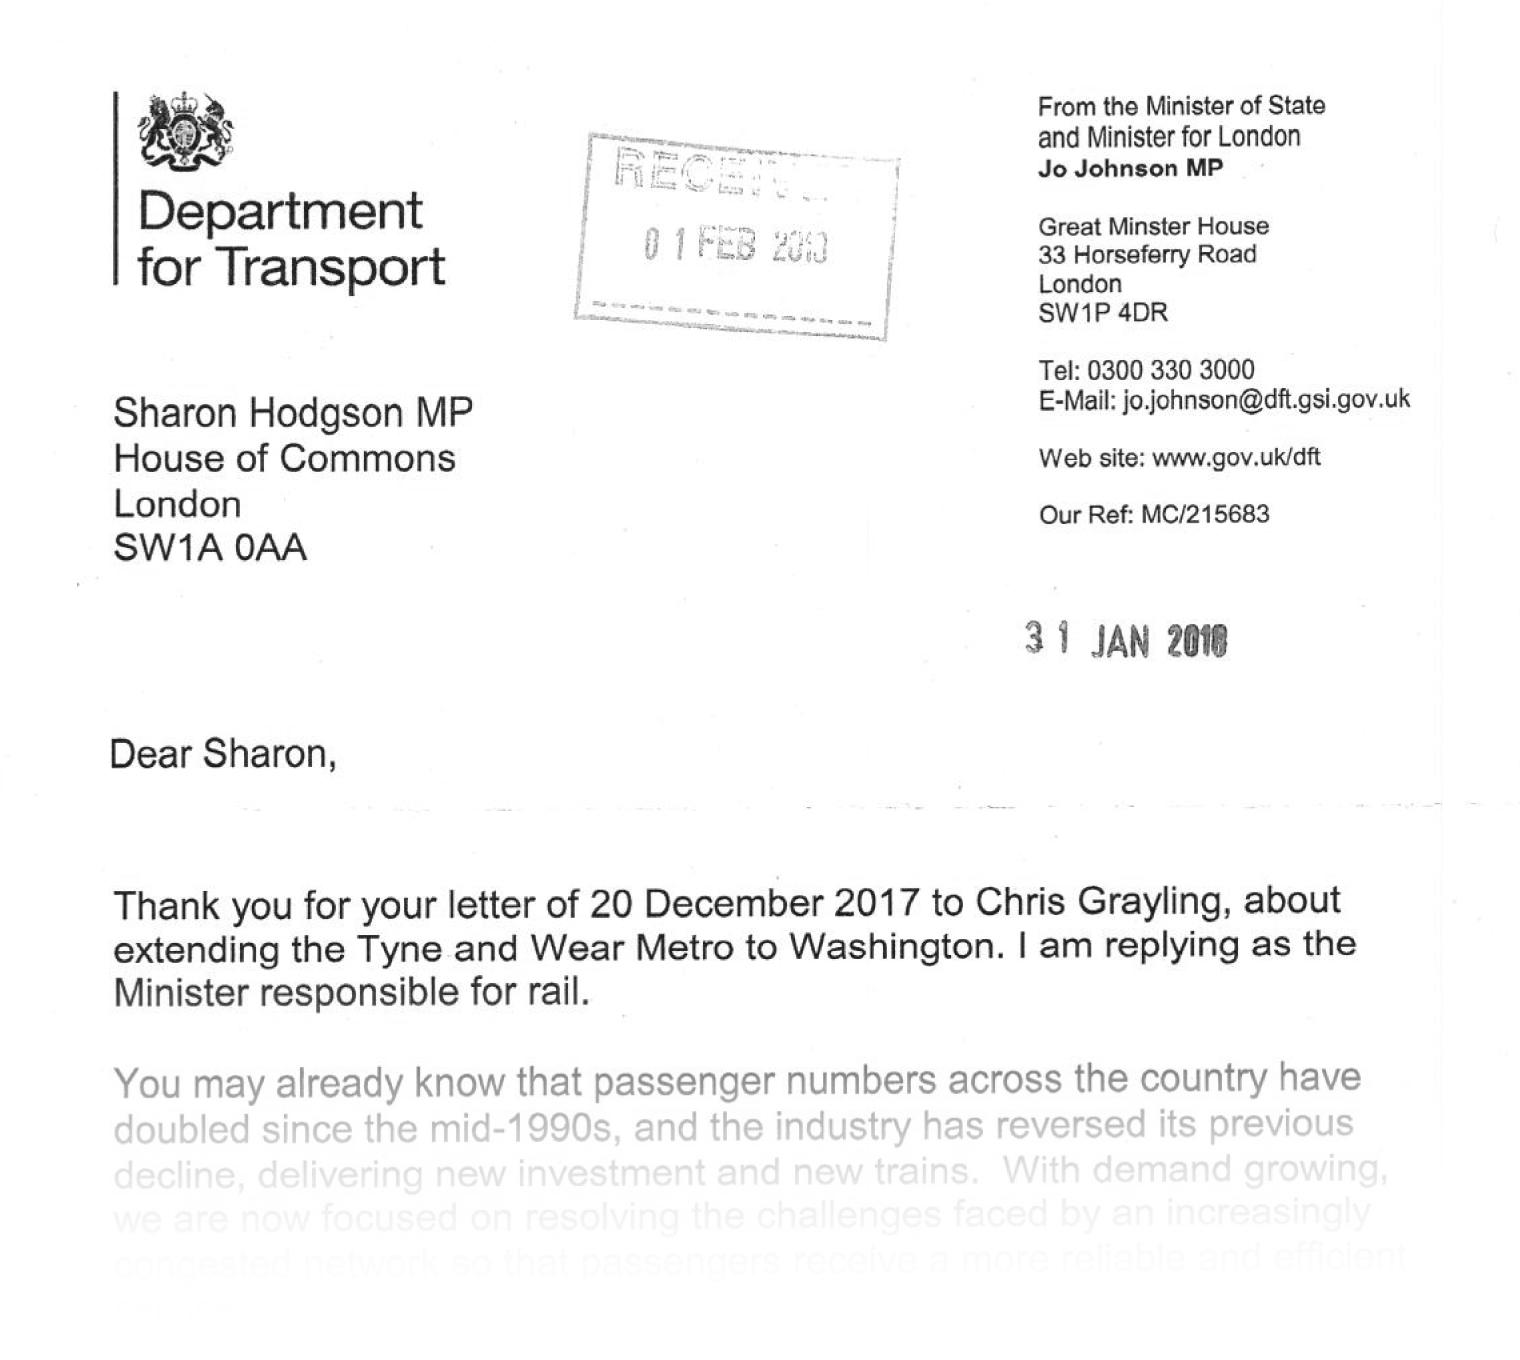 2018_02_01_DoT_-_Metro_minister_response_scan.jpg